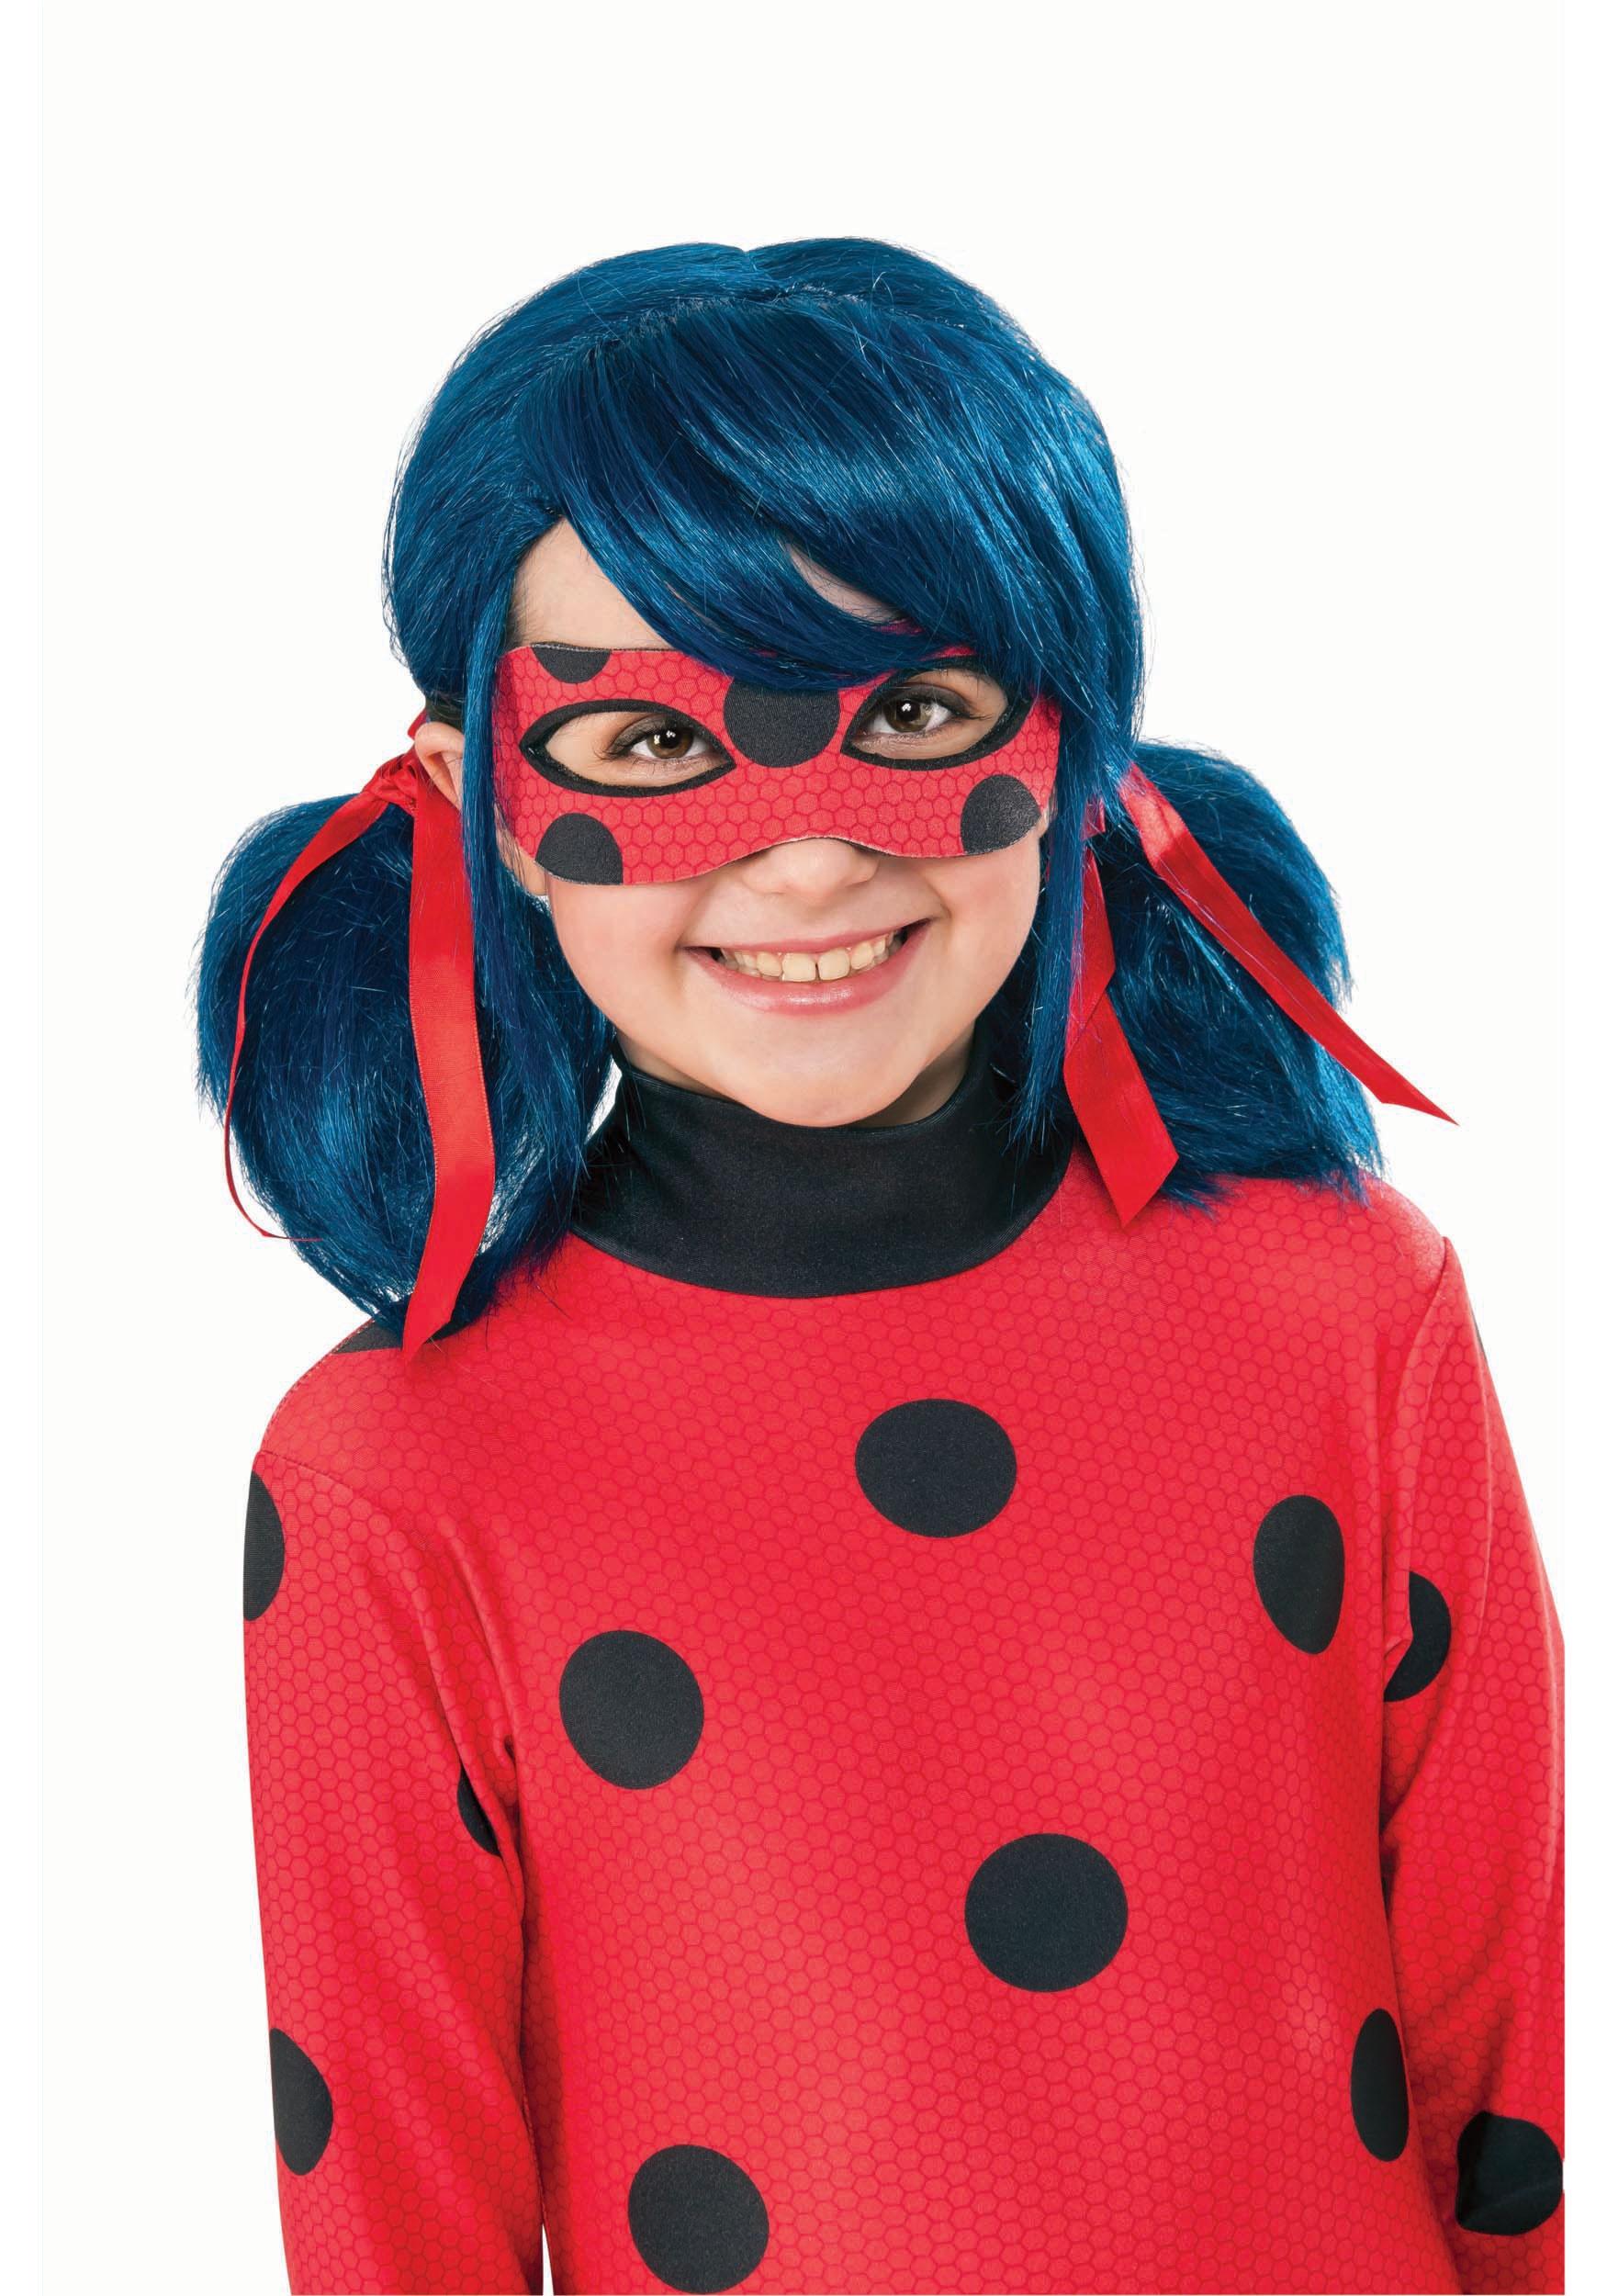 Ladybug Girl Halloween Costume